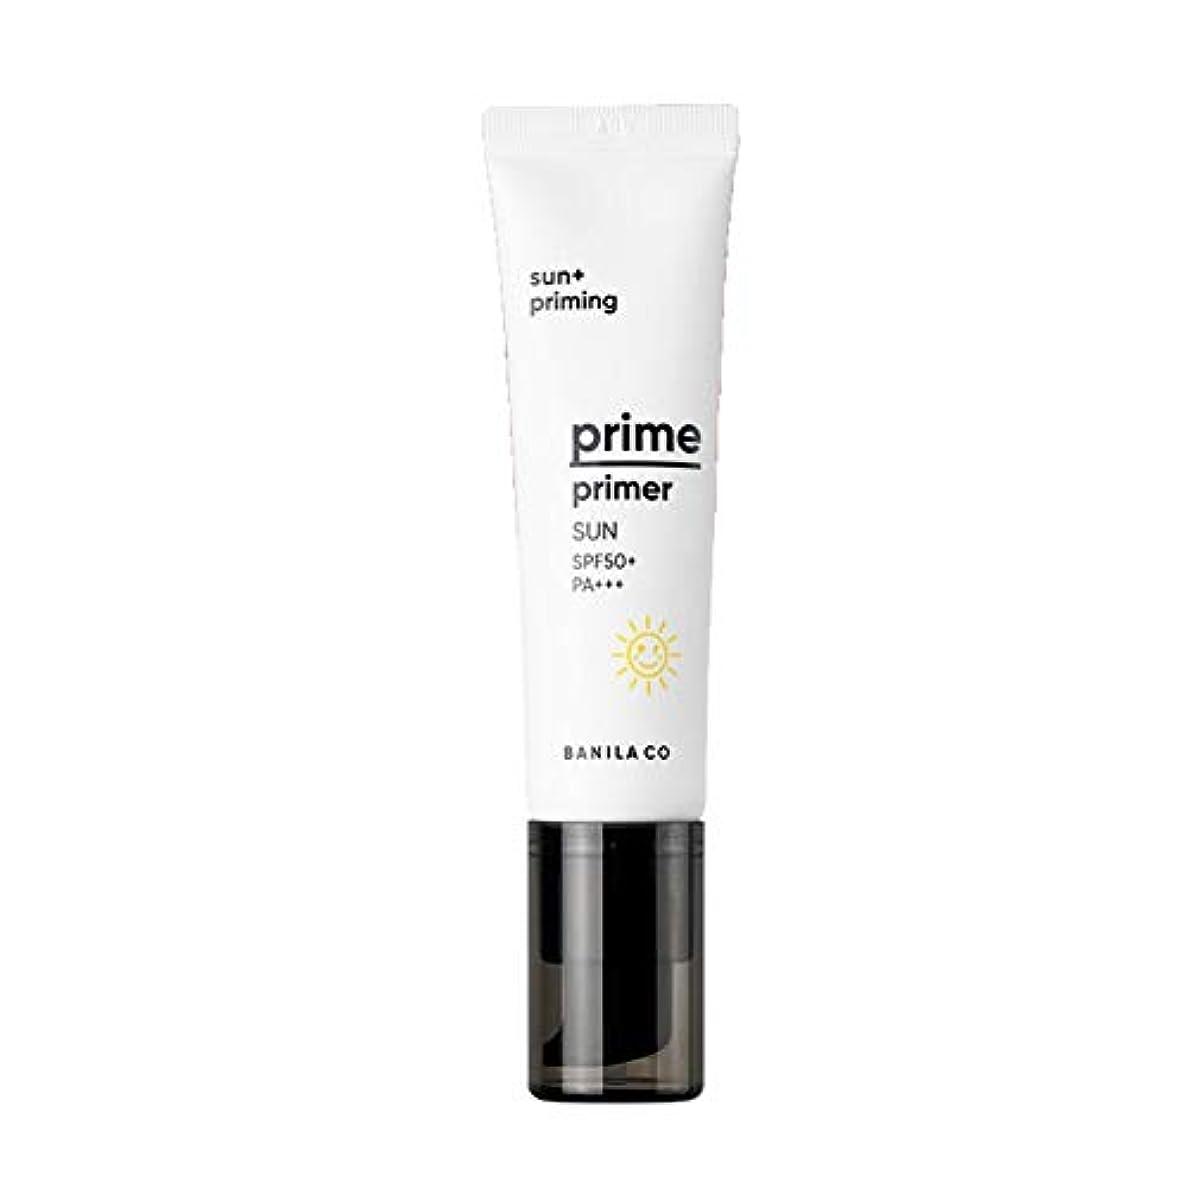 プールマージン熱バニラコプライムプライマーサン30mlサンクリーム韓国コスメ、Banila Co Prime Primer Sun 30ml Sun Cream Korean Cosmetics [並行輸入品]